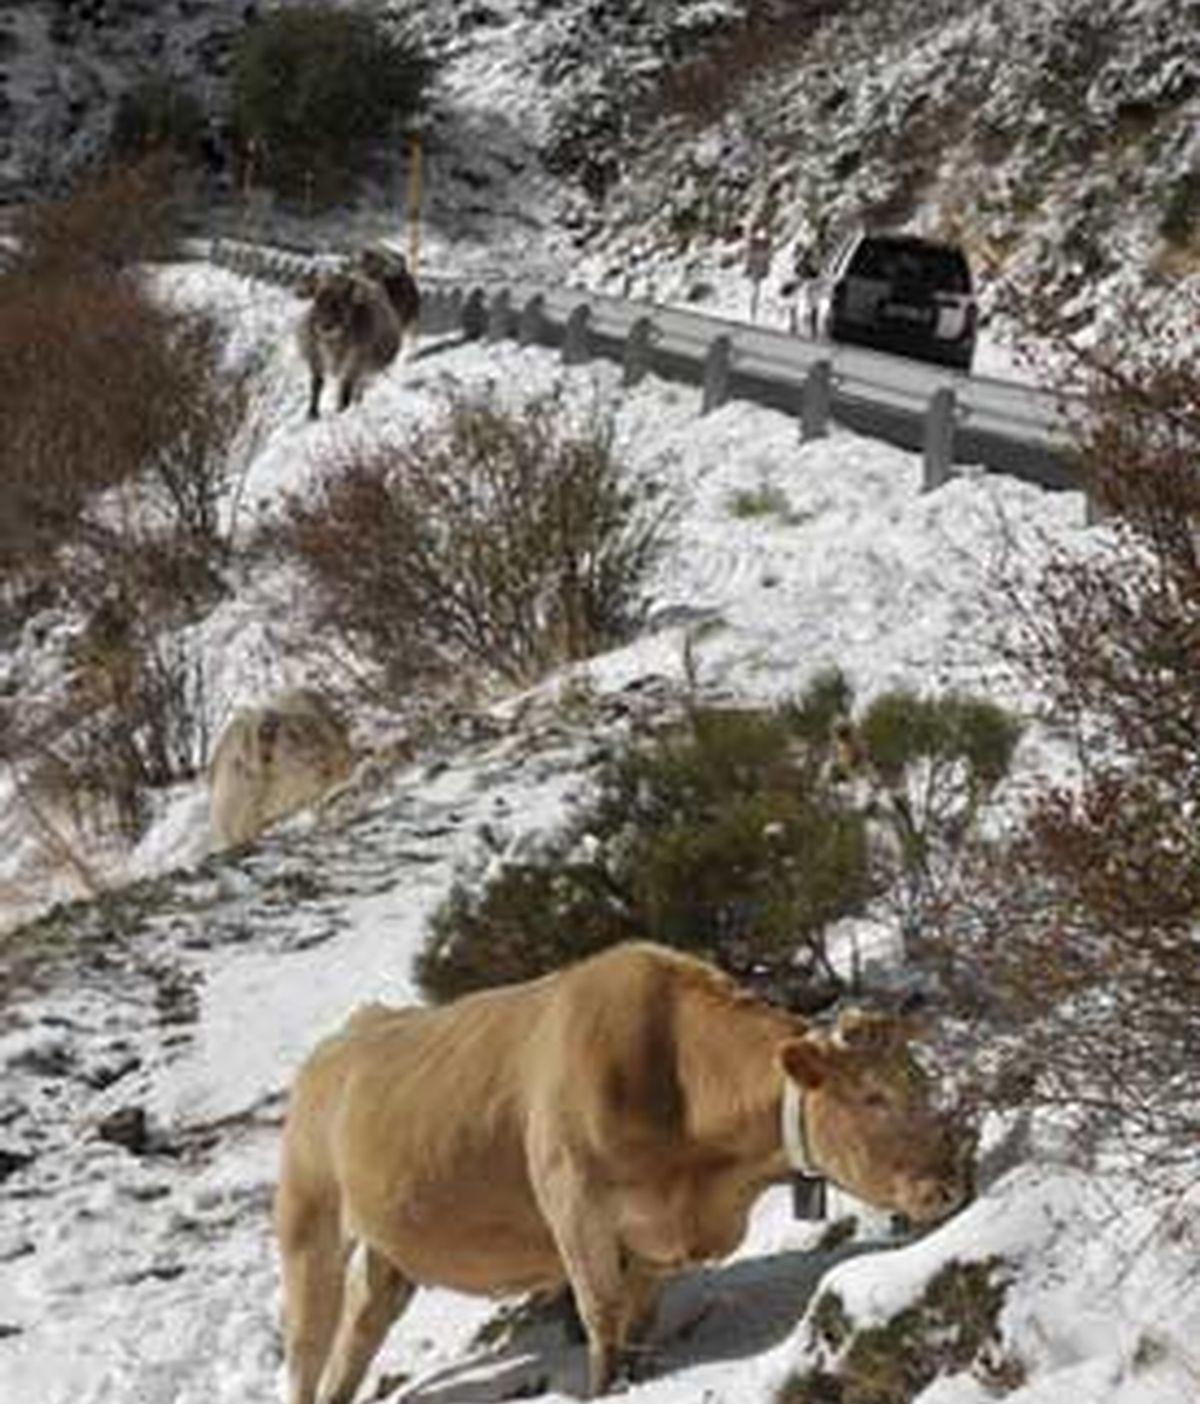 La primera gran nevada de la temporada en Cataluña ha teñido de blanco las comarcas del Pirineo y ha obligado a cortar un tramo de la carretera C-28, incluido el puerto de la Bonaigua, y a usar cadenas en otras diez vías. FOTO: EFE